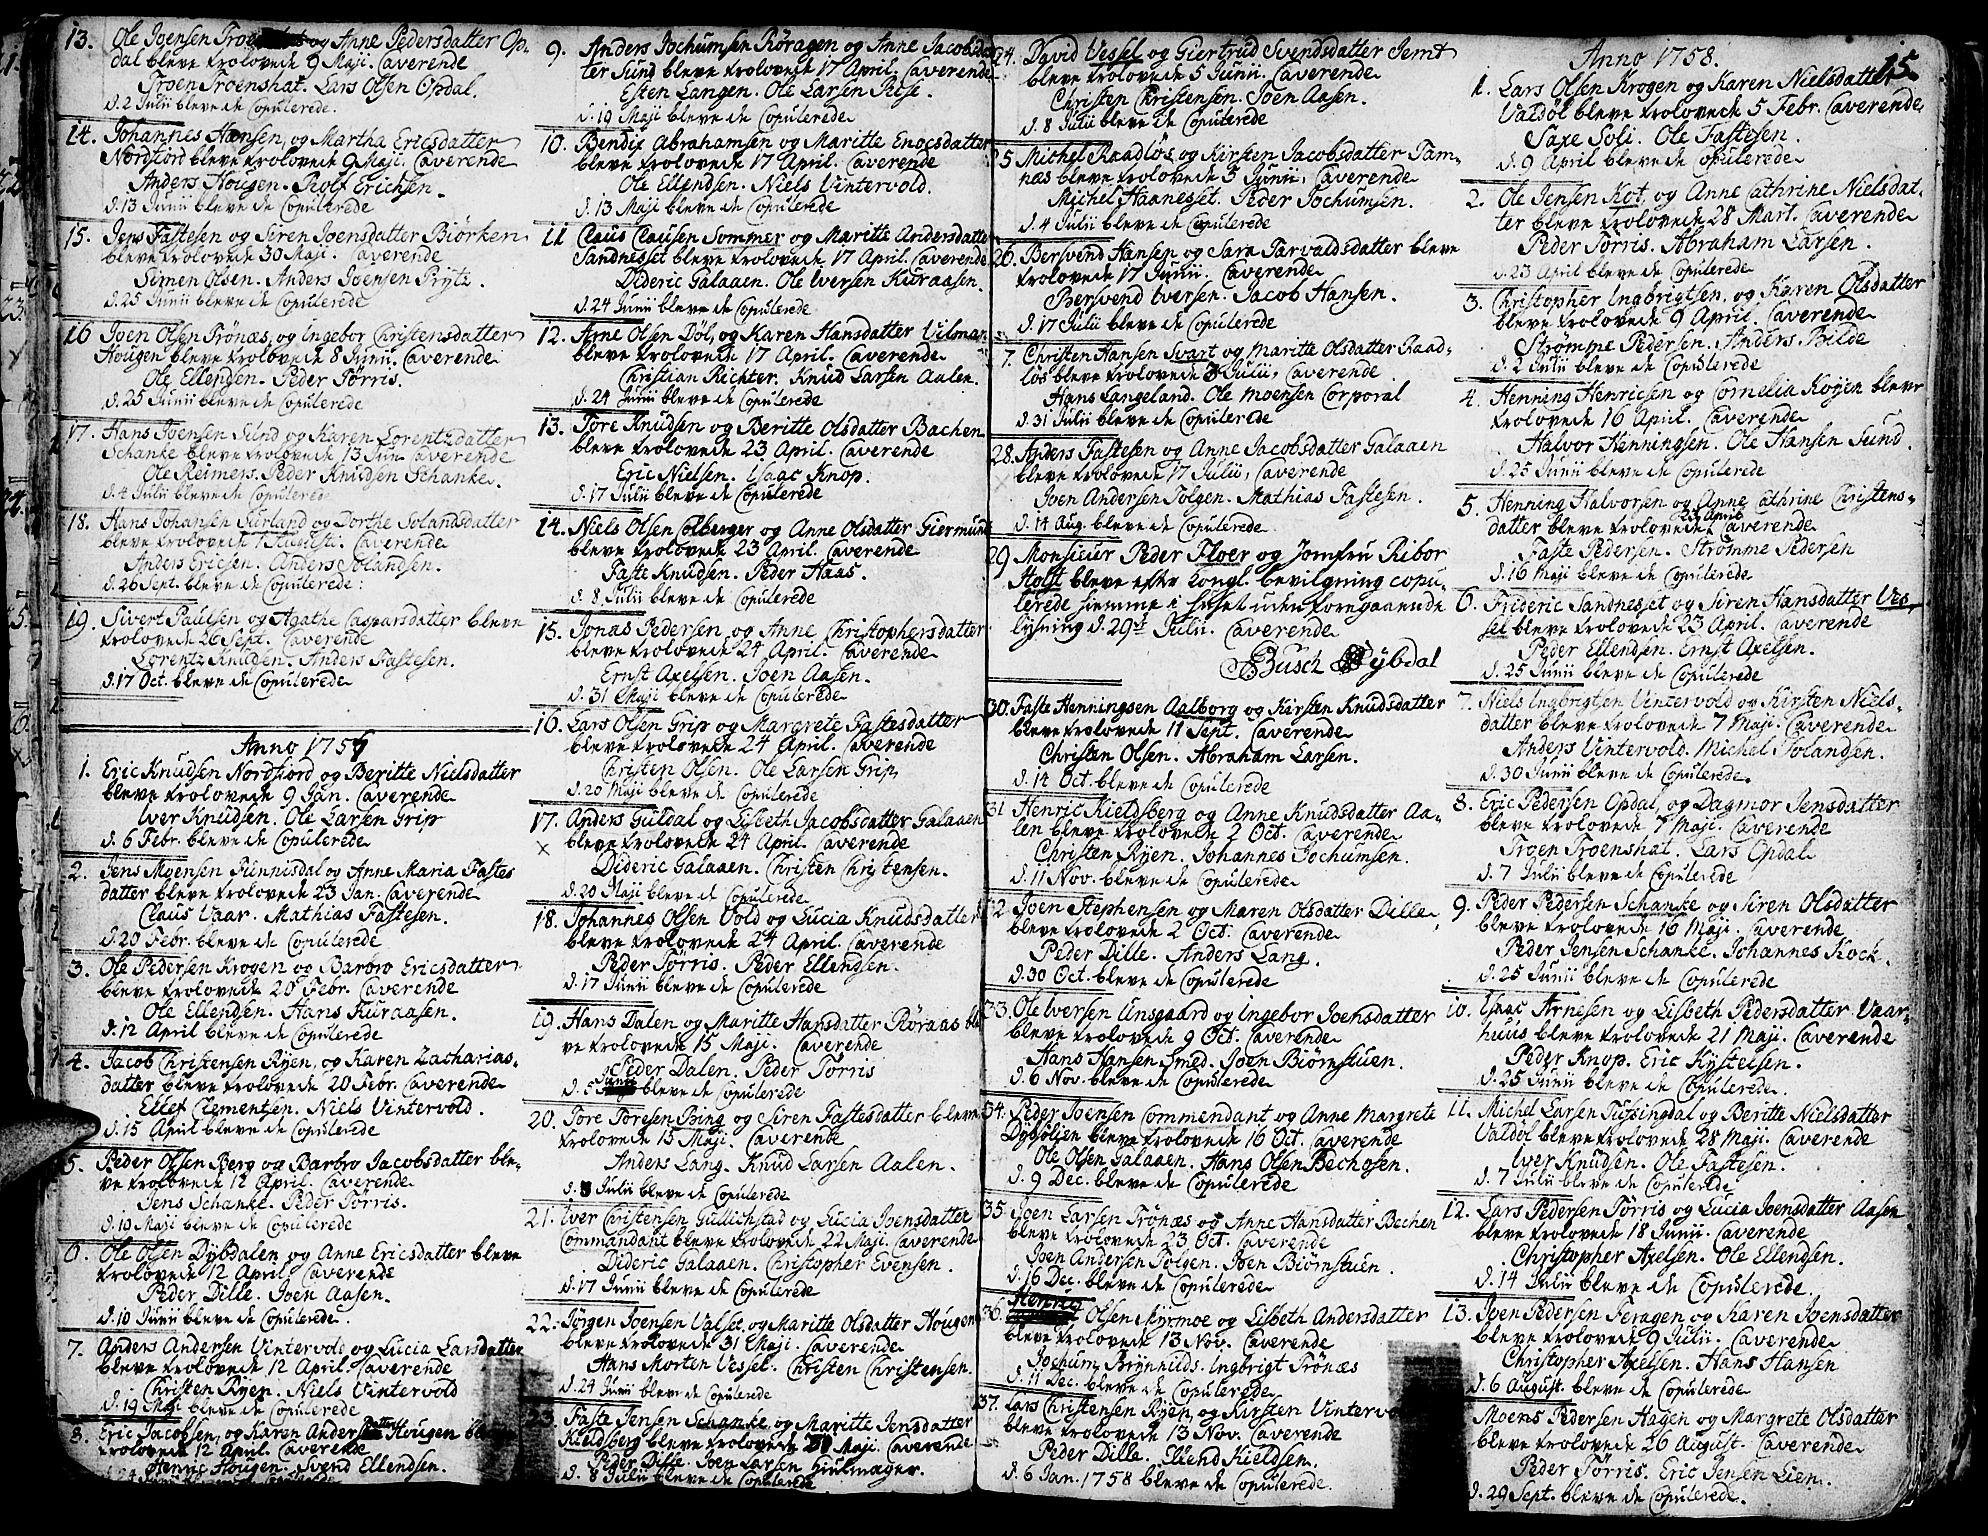 SAT, Ministerialprotokoller, klokkerbøker og fødselsregistre - Sør-Trøndelag, 681/L0925: Ministerialbok nr. 681A03, 1727-1766, s. 15